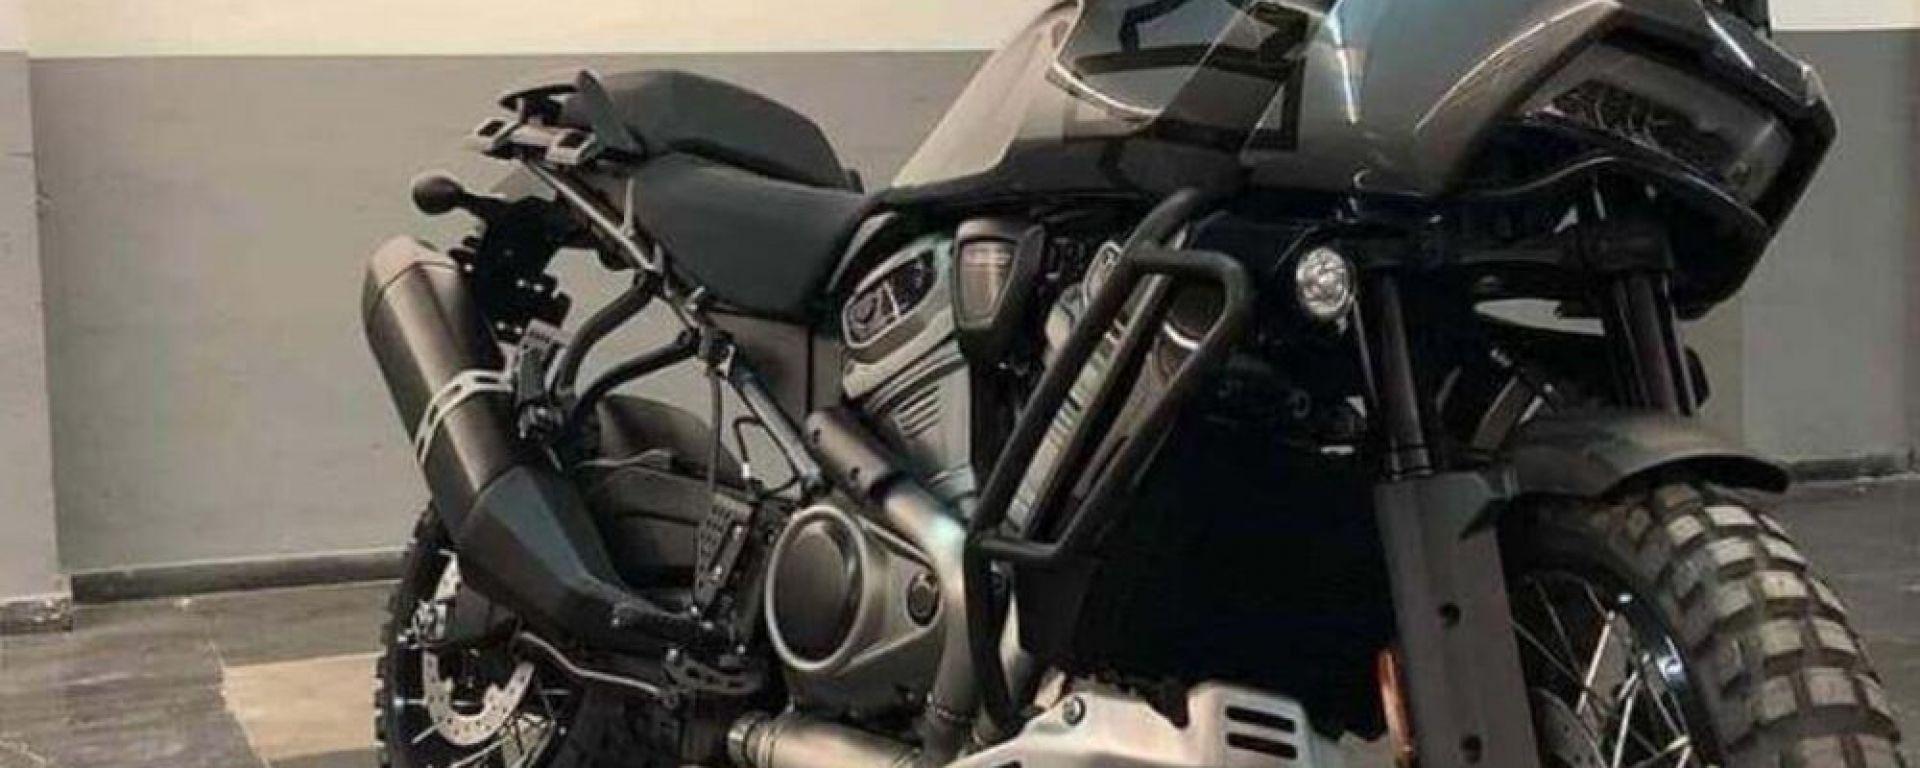 Harley-Davidson: le moto 2021 presentate il 19 gennaio. Ecco quali...